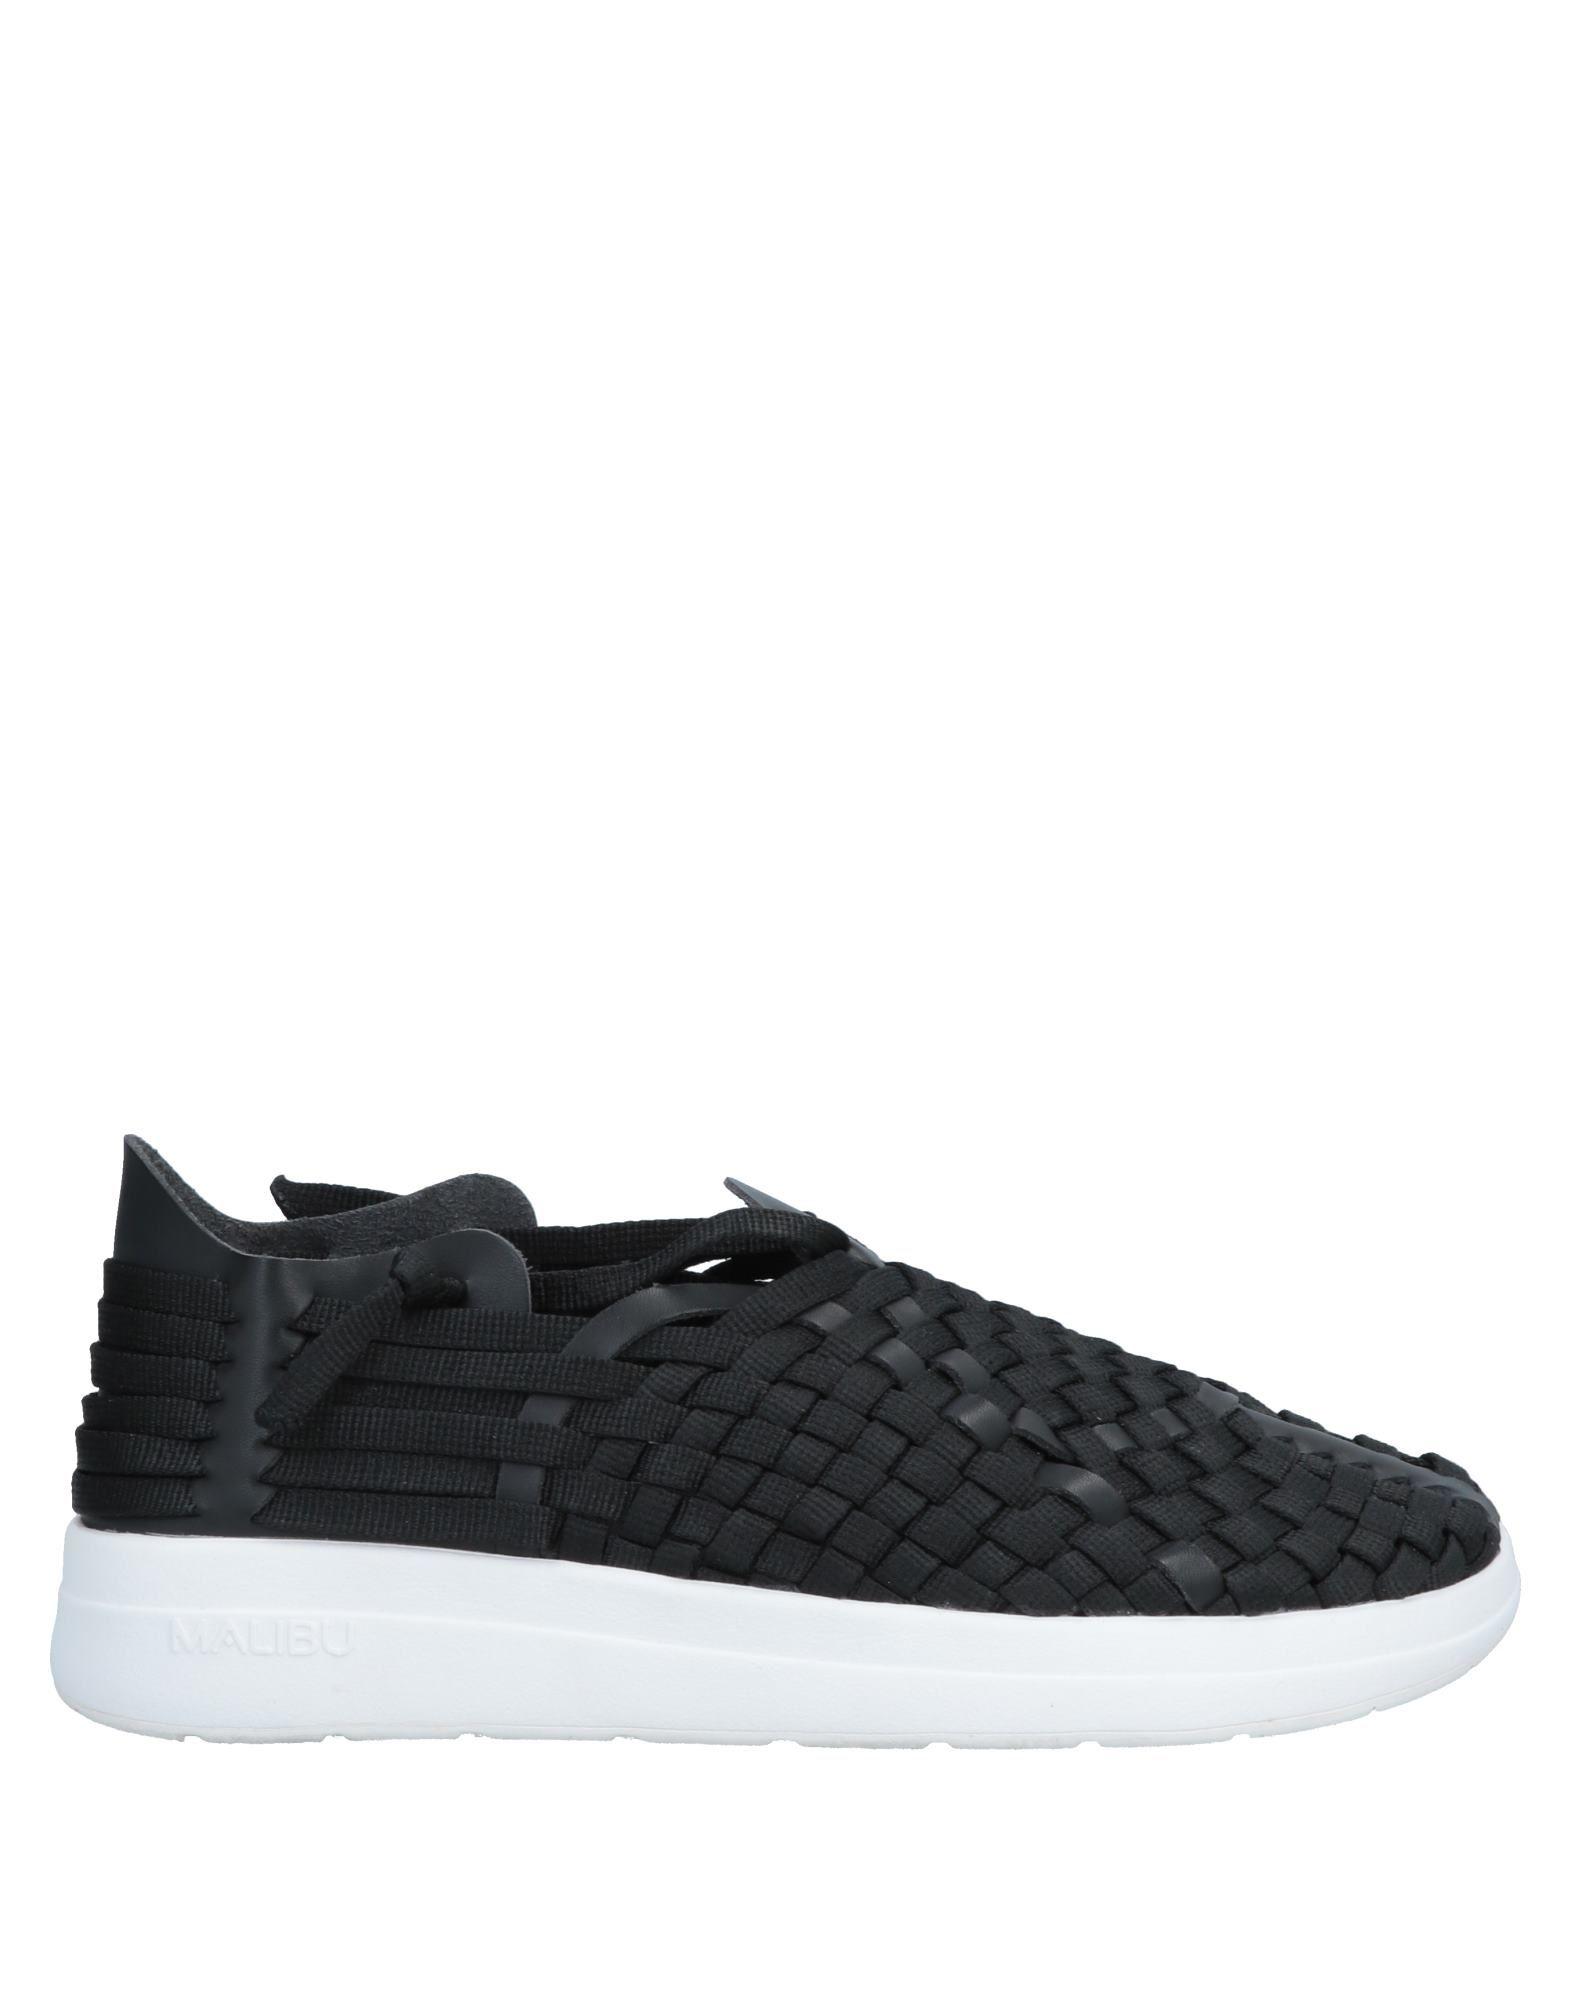 《送料無料》MALIBU SANDALS? メンズ スニーカー&テニスシューズ(ローカット) ブラック 8 紡績繊維